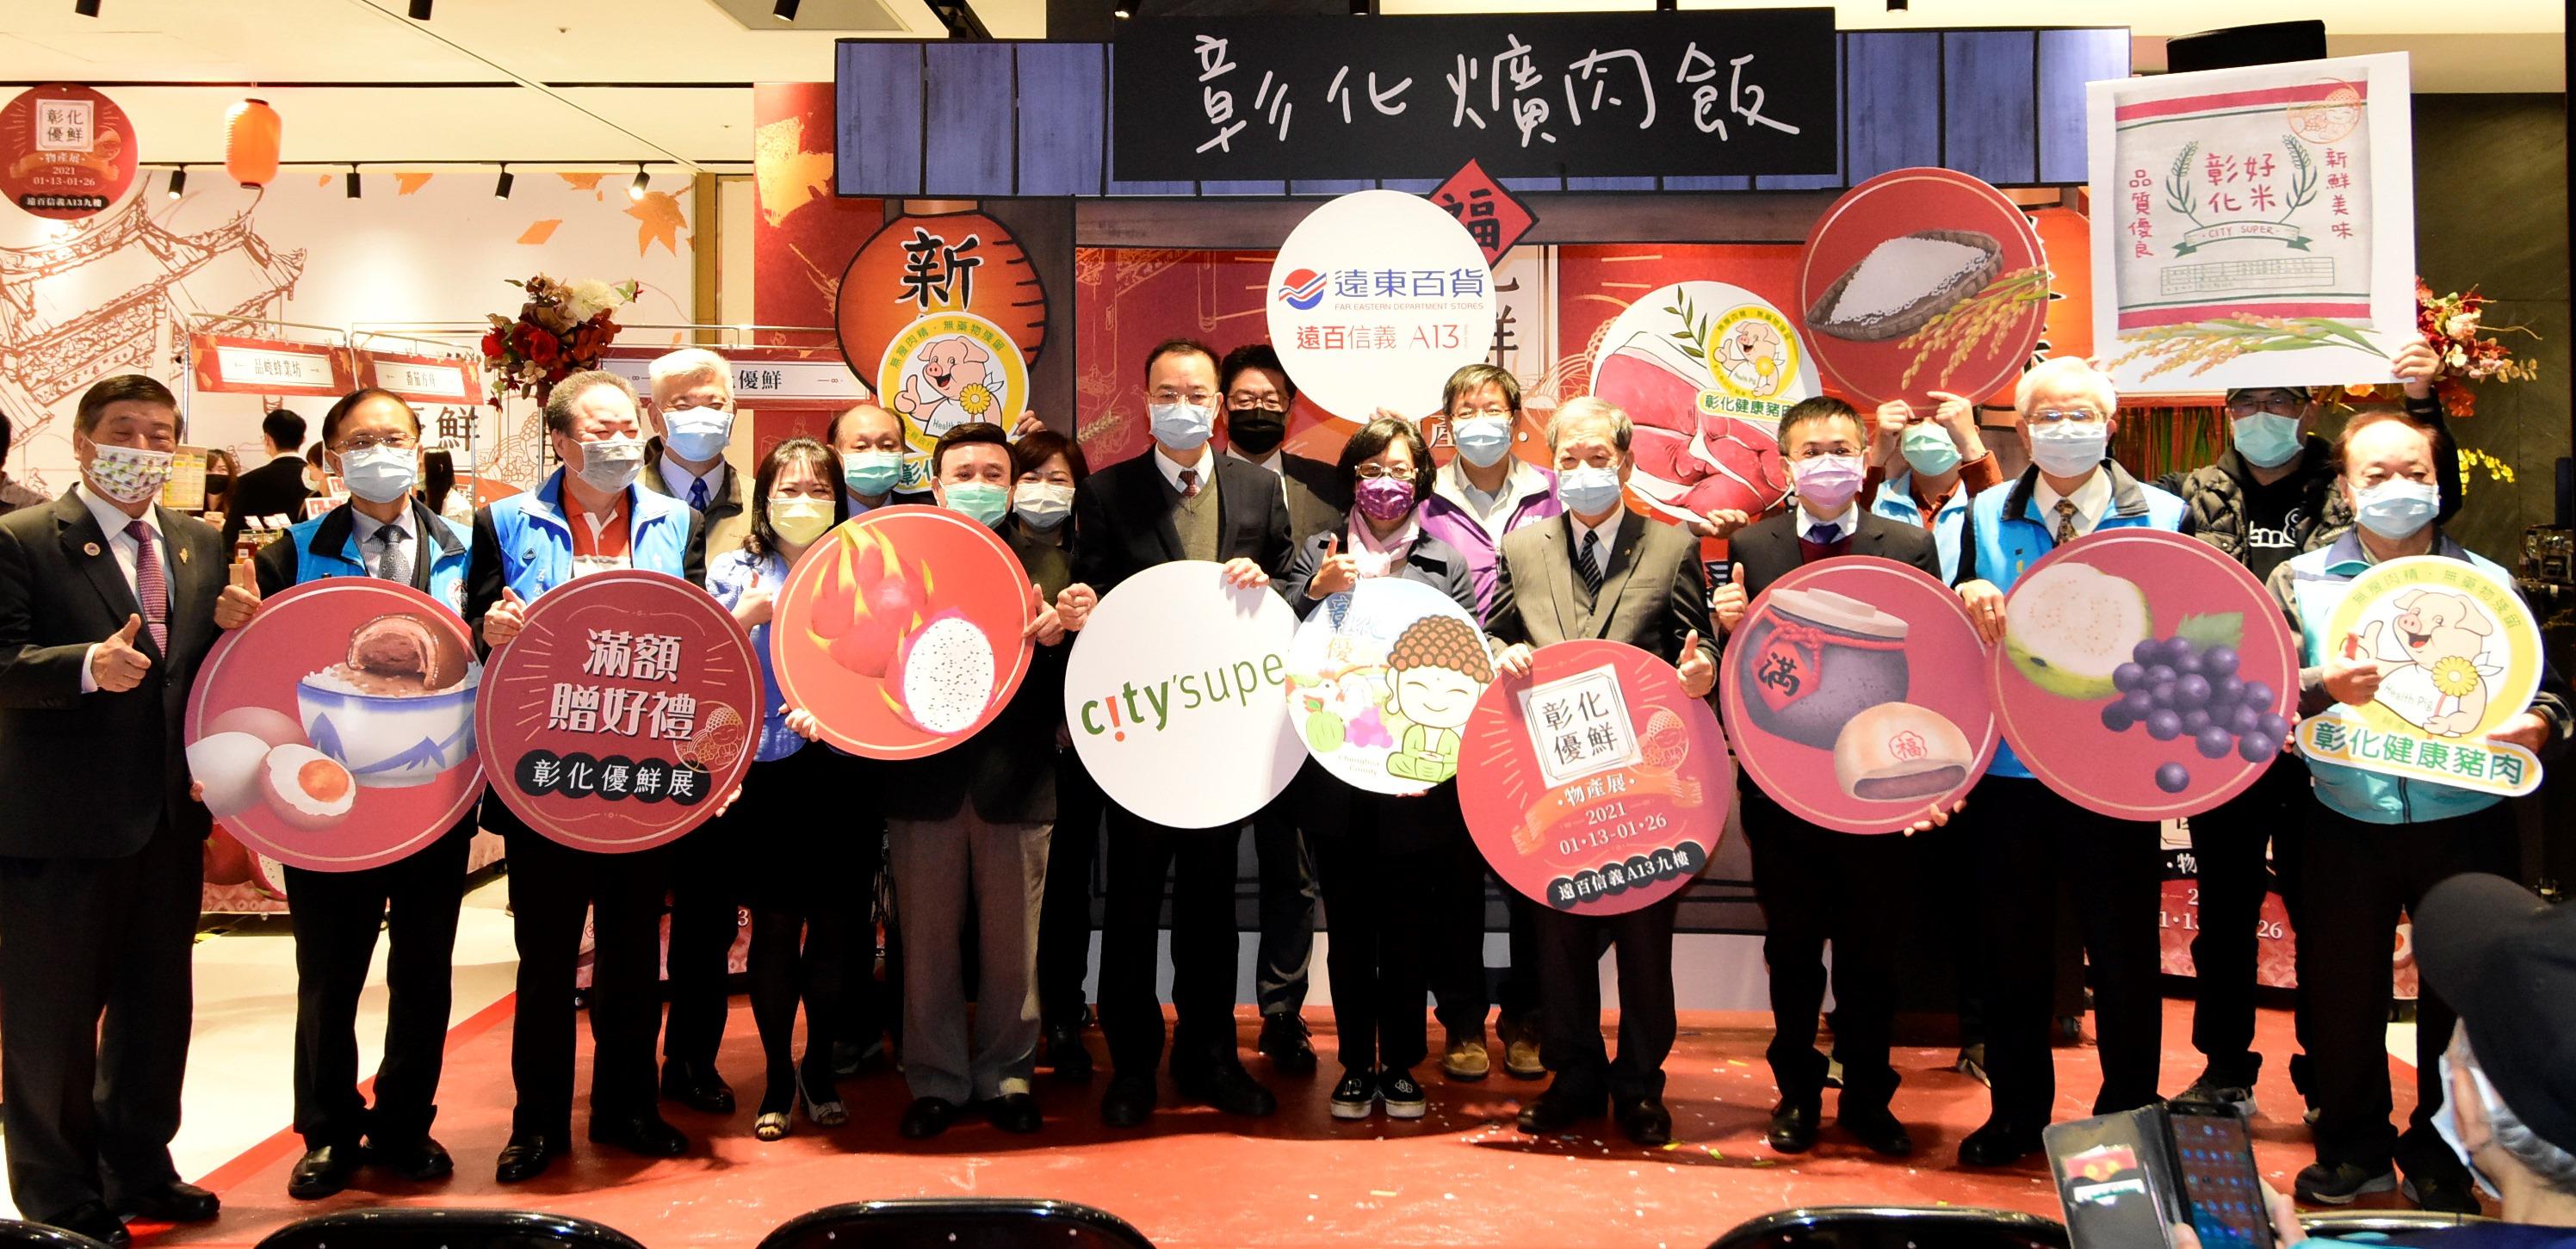 北上行銷 彰化優鮮 聯合物產展在台北遠東百貨信義店開幕 身在台北 吃在彰化 歡迎支持小農 選用彰化優鮮